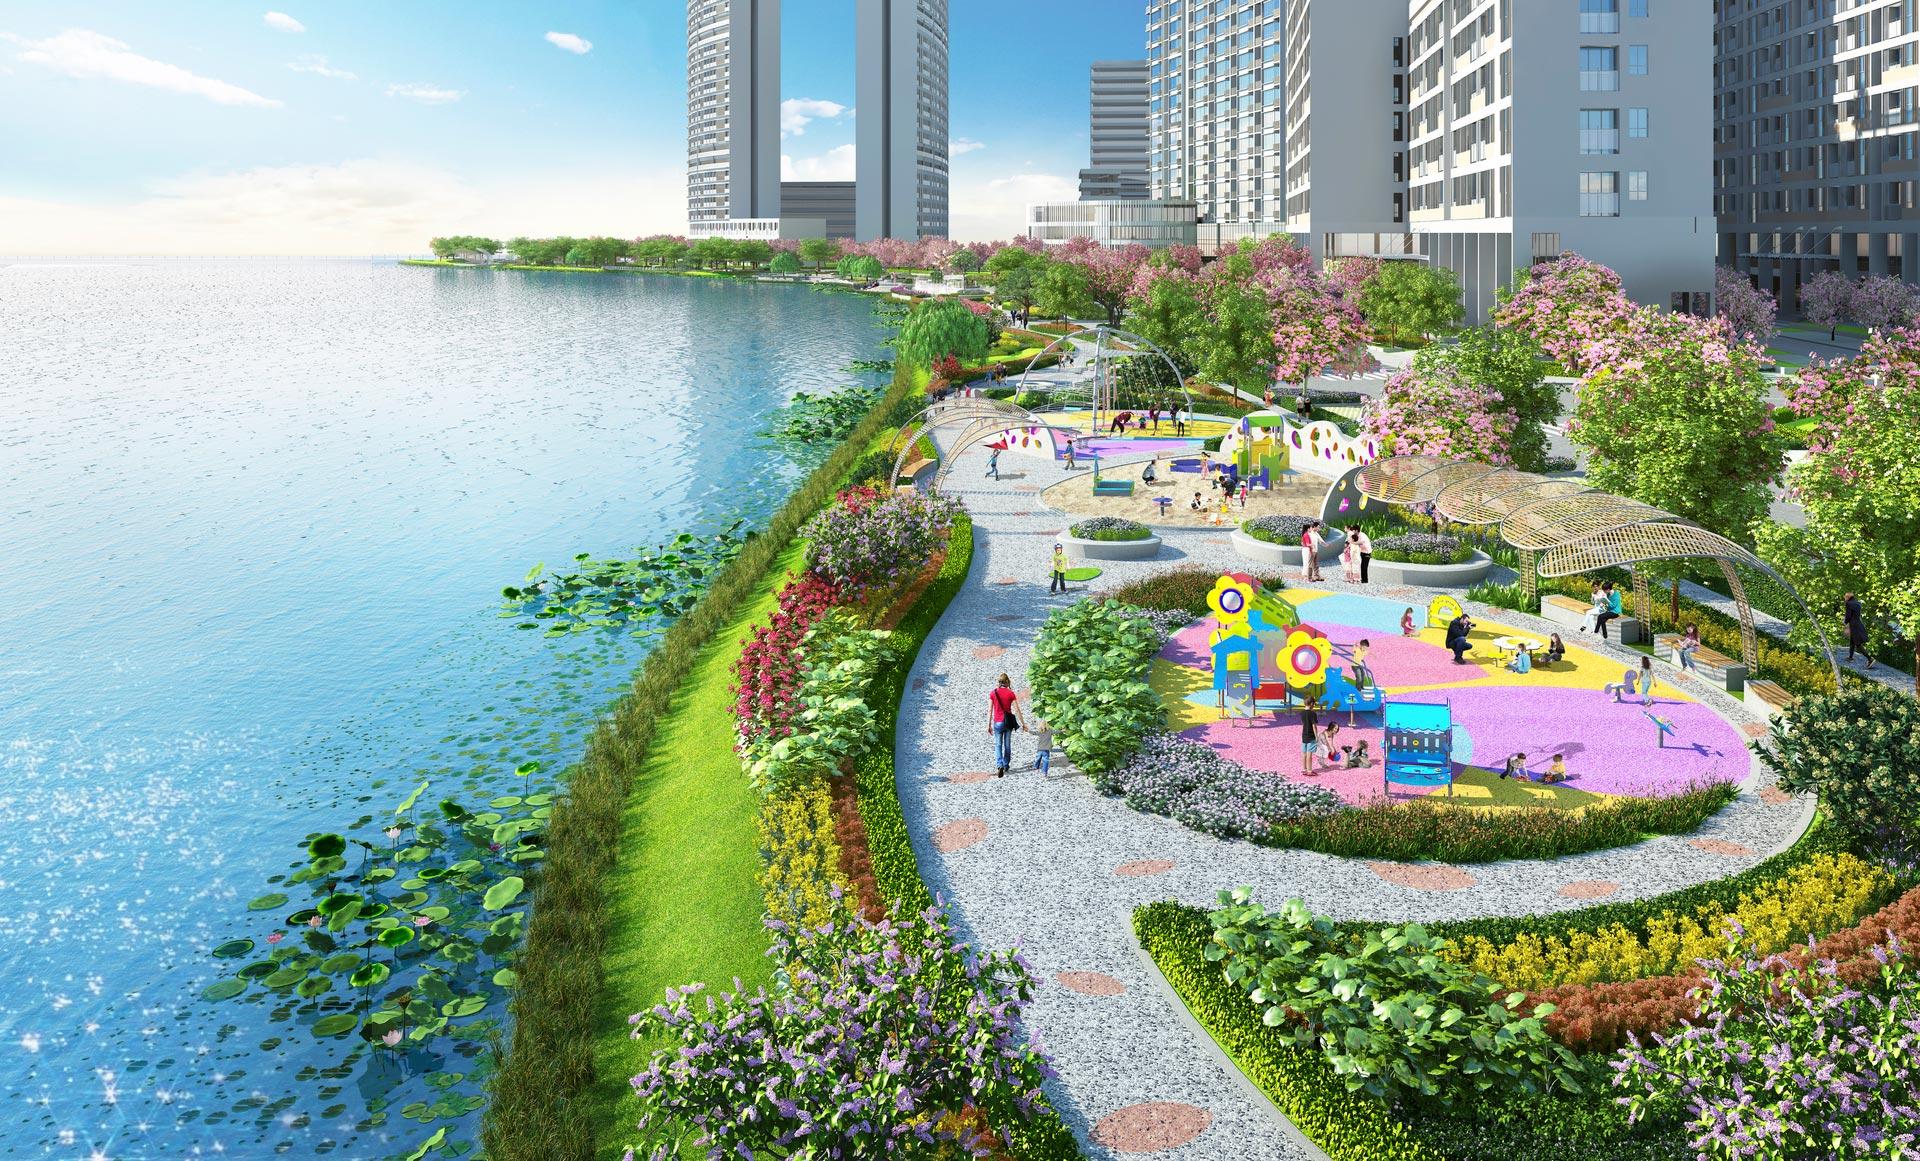 Khi hoàn thành, Sakura Park được kỳ vọng sẽ trở điểm đến hấp dẫn mới của TP.HCM